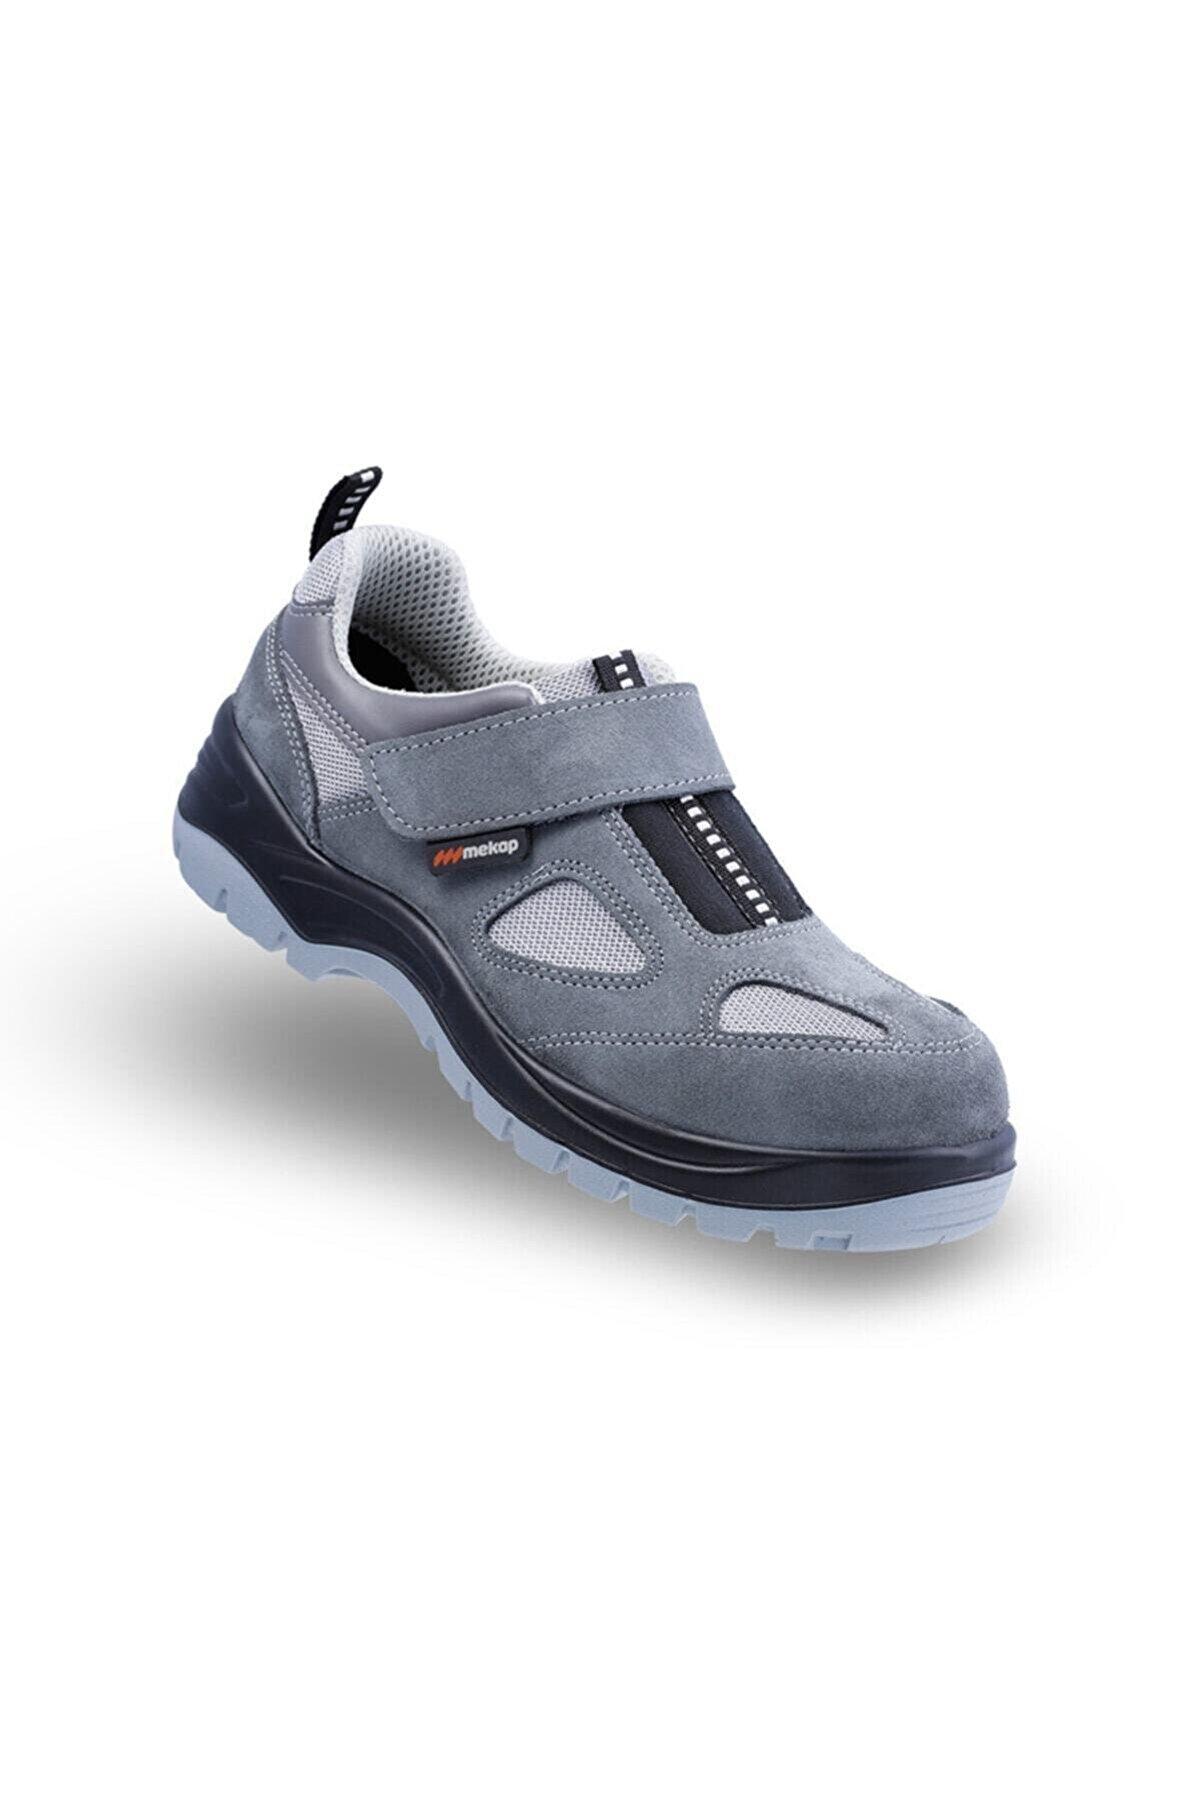 Mekap Jupiter 157-01 Gray S1 Çelik Burunlu Iş Ayakkabısı